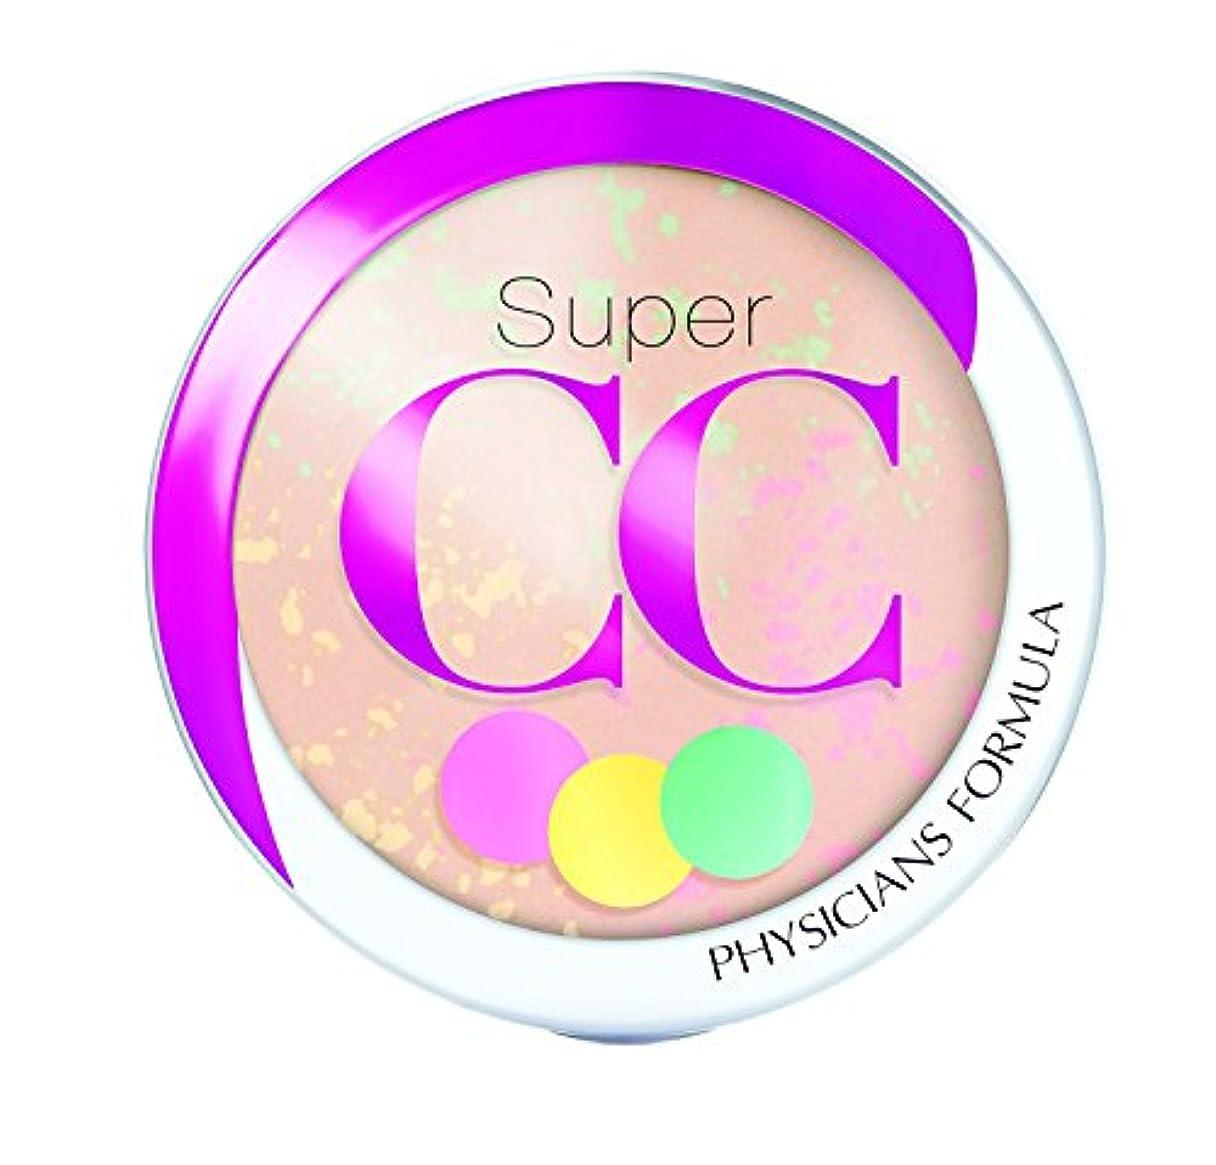 ペリスコープスリット和らげるPHYSICIANS FORMULA Super CC+ Color-Correction + Care CC+ Powder SPF 30 - Light/Medium